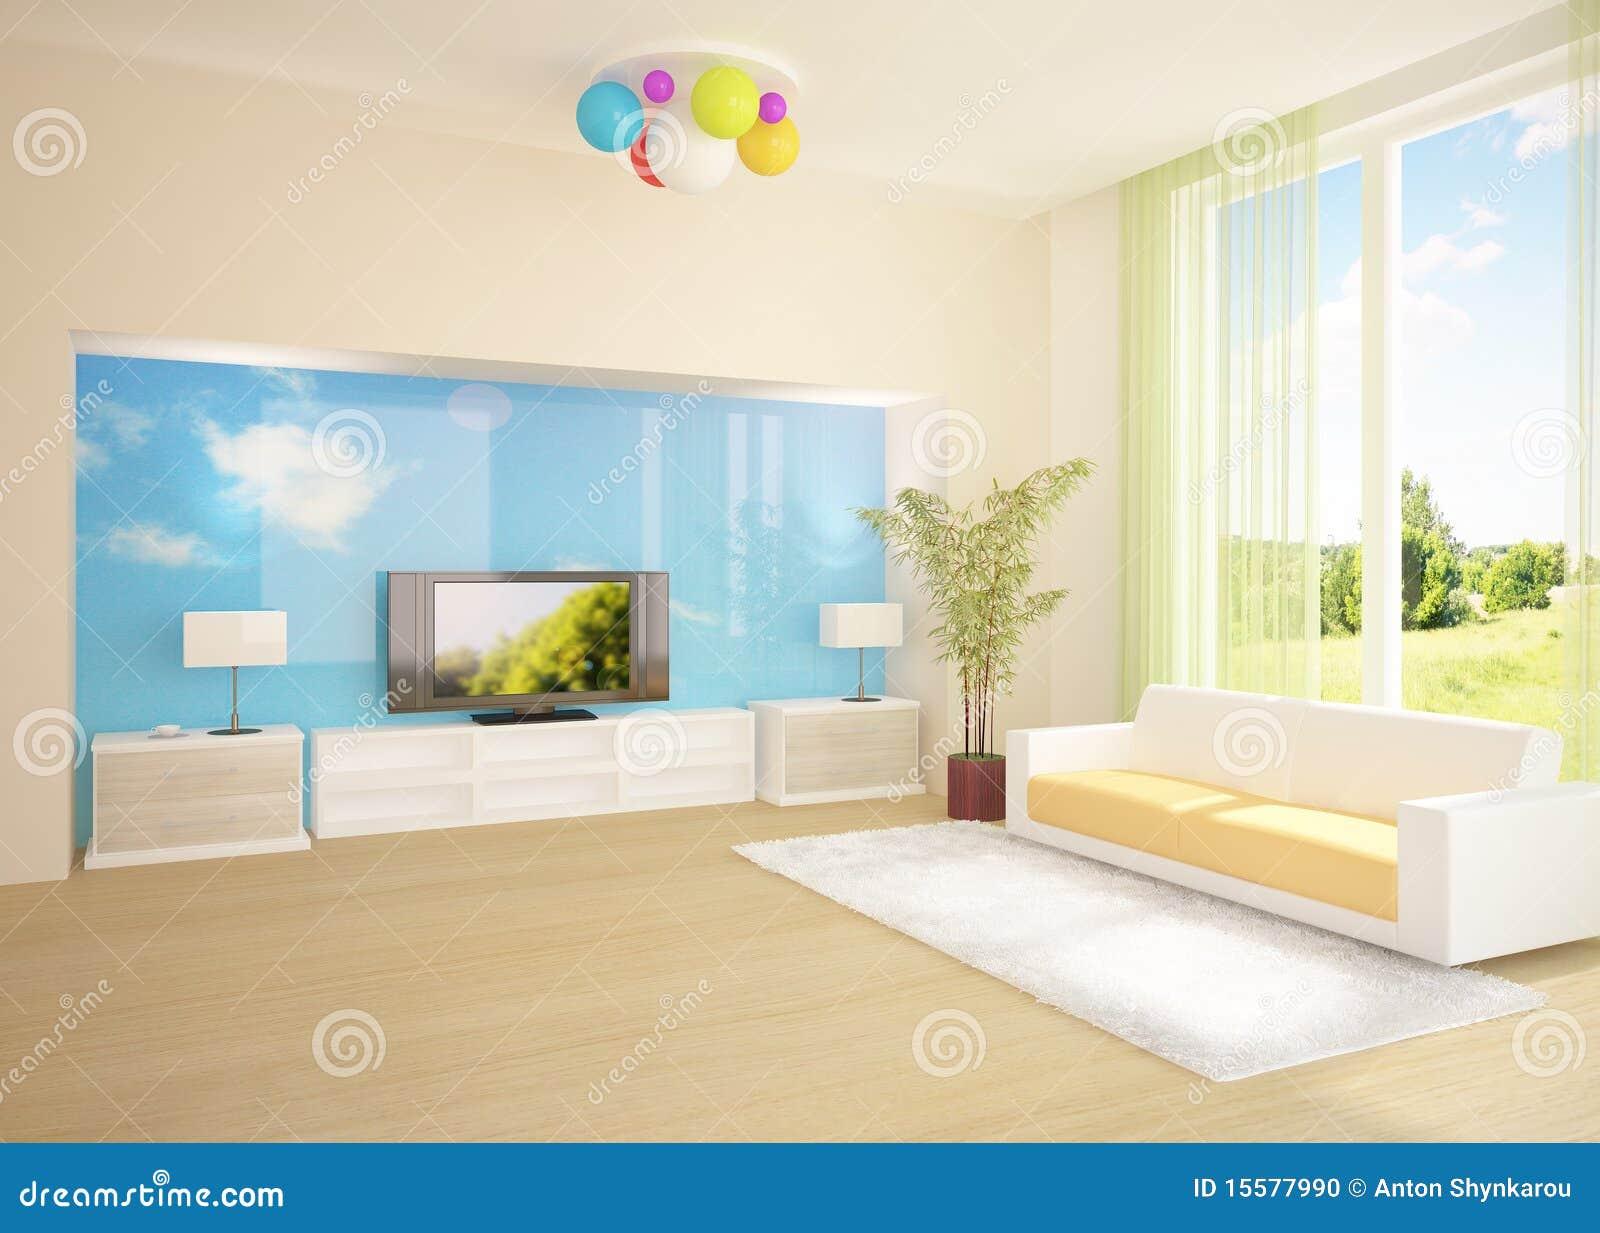 Quarto Moderno Colorido Foto de Stock - Imagem: 15577990